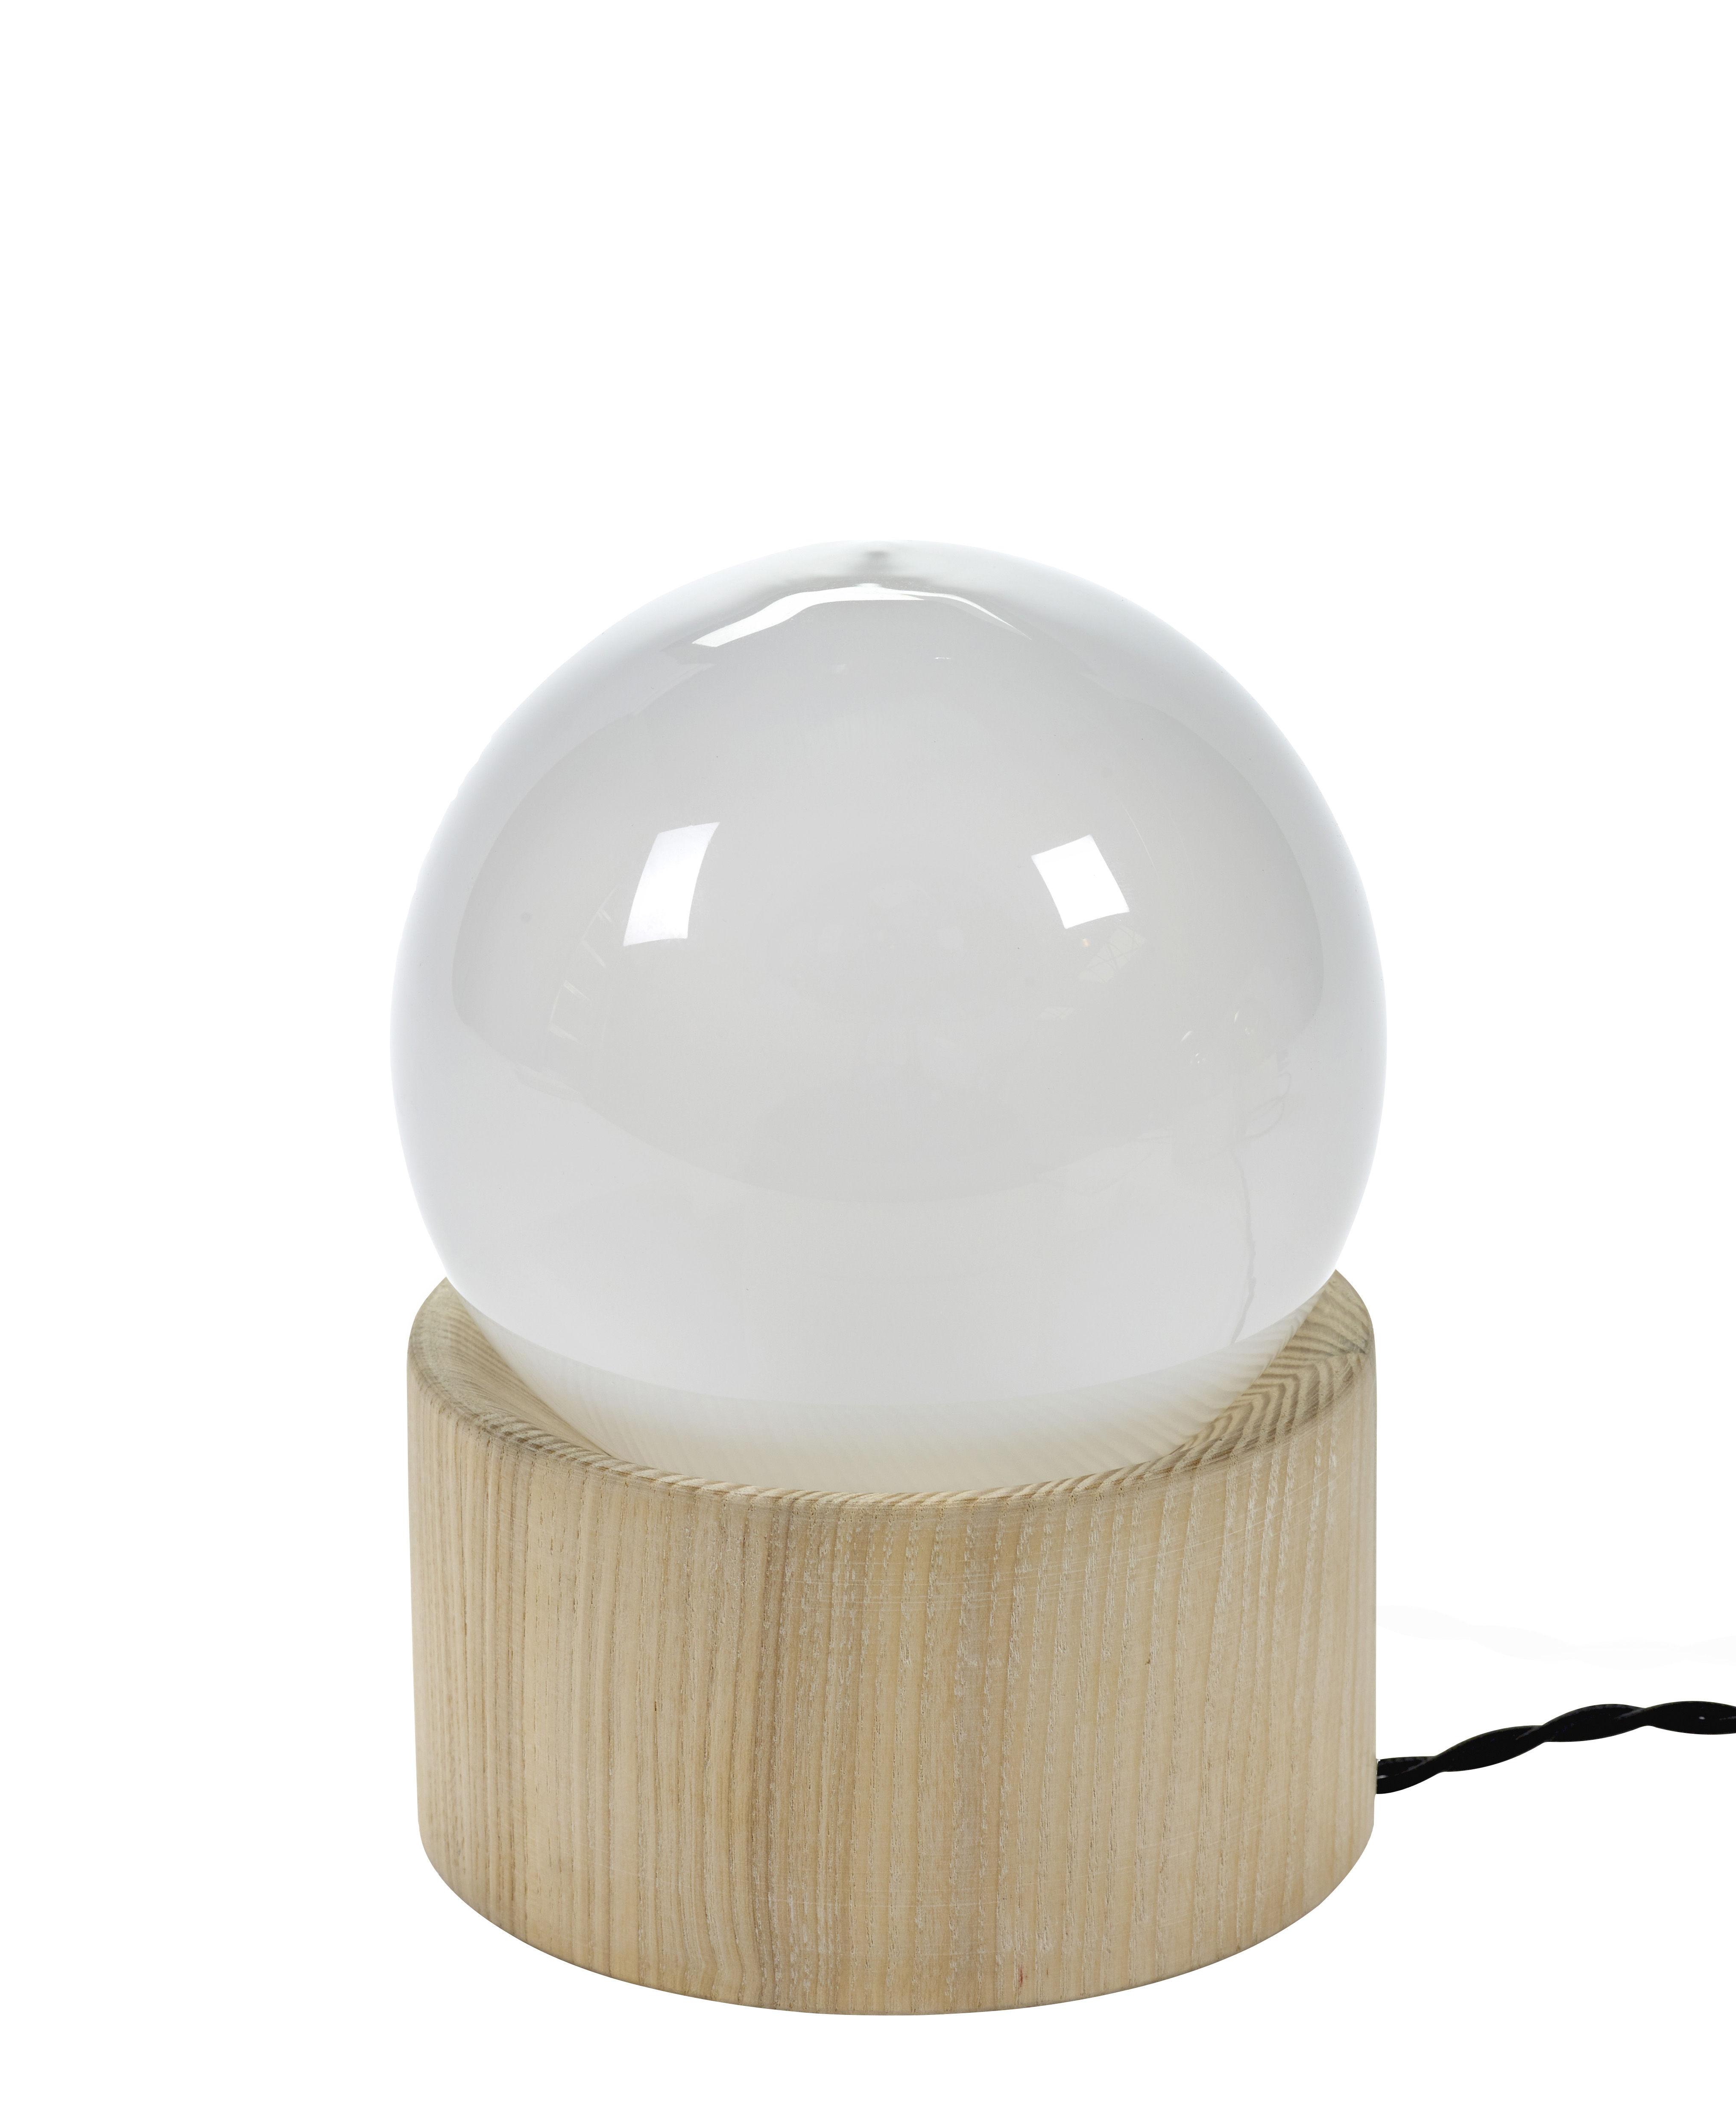 Luminaire - Lampes de table - Lampe de table Full Moon / Ø 14,5 cm - Serax - Blanc / Bois naturel - Bois, Verre teinté